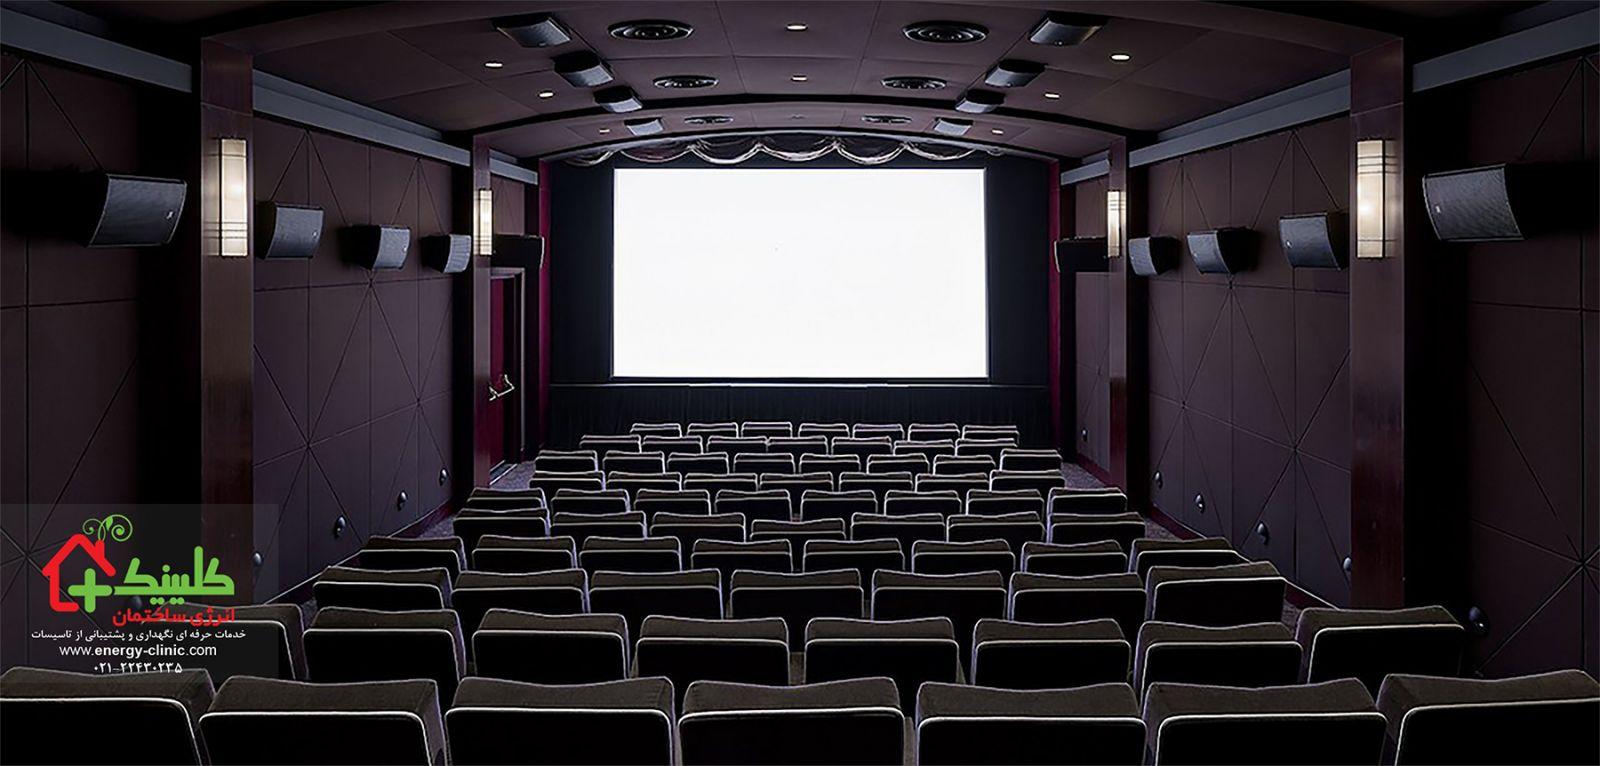 نکات طراحی سیستم های تهویه مطبوع سالن های سینما